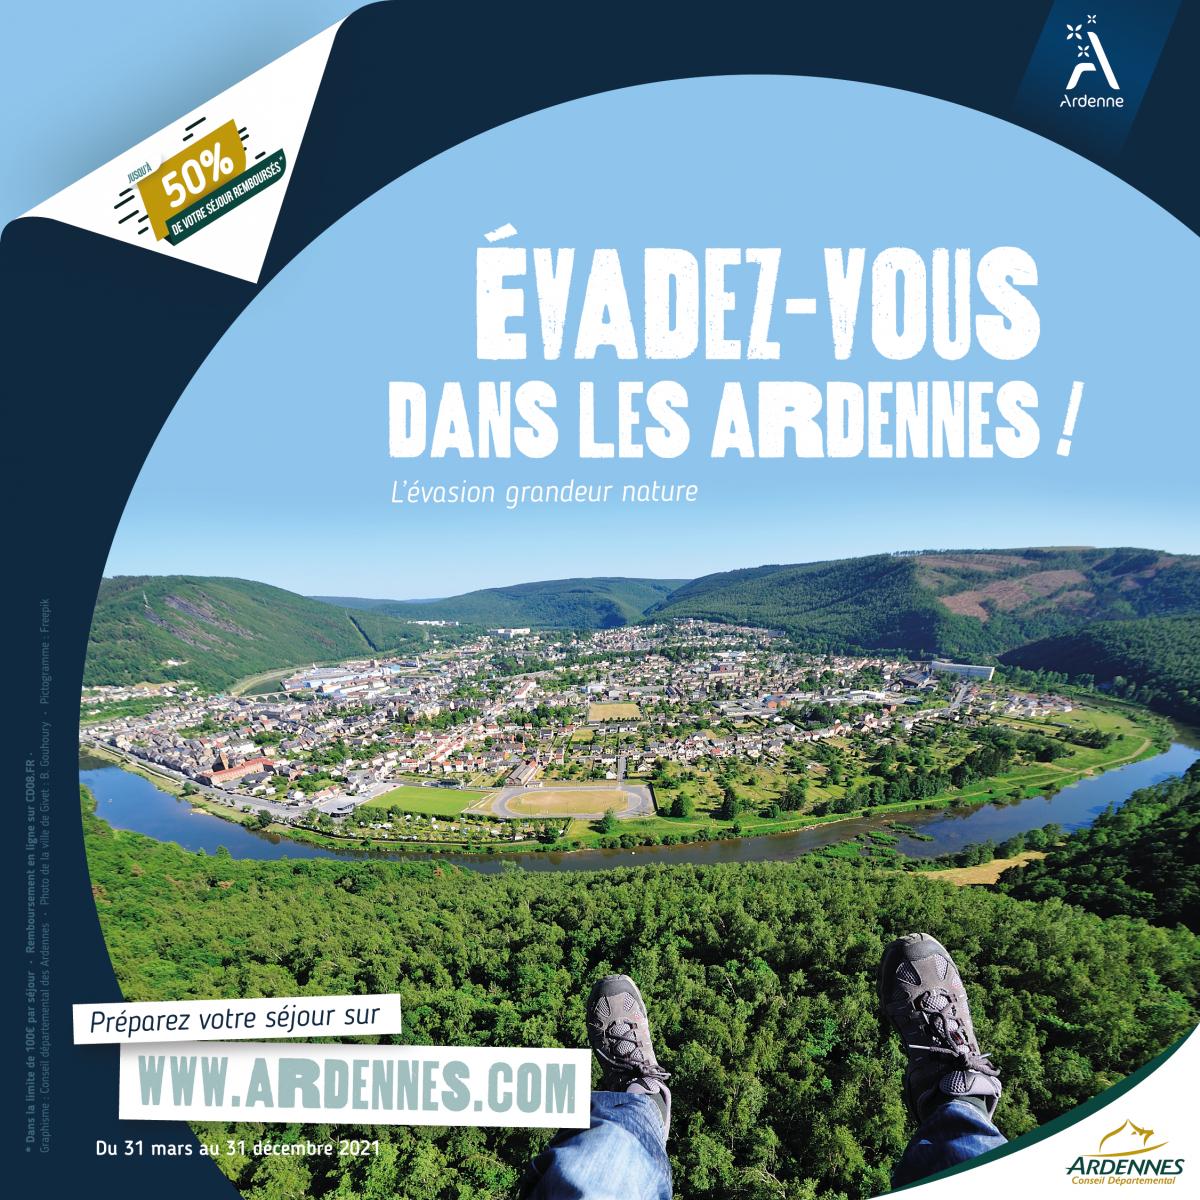 50% de votre séjour dans les Ardennes remboursés dès 2 nuits d'hôtel et 1 activité (dans la limite de 100€ maximum)